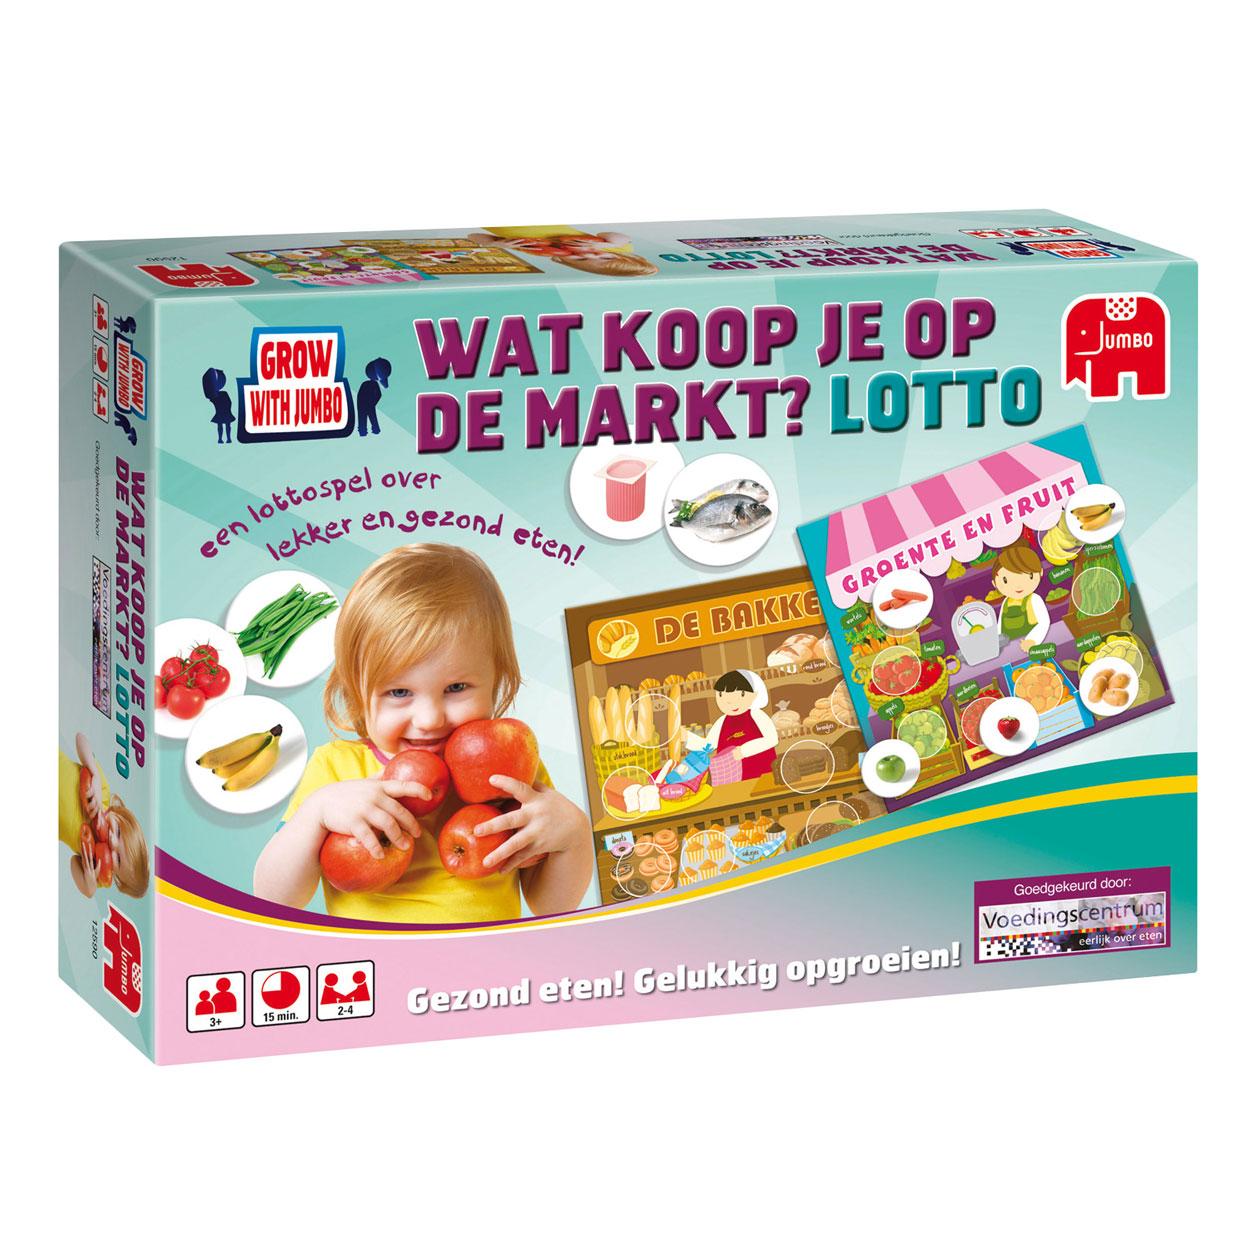 lotto online de